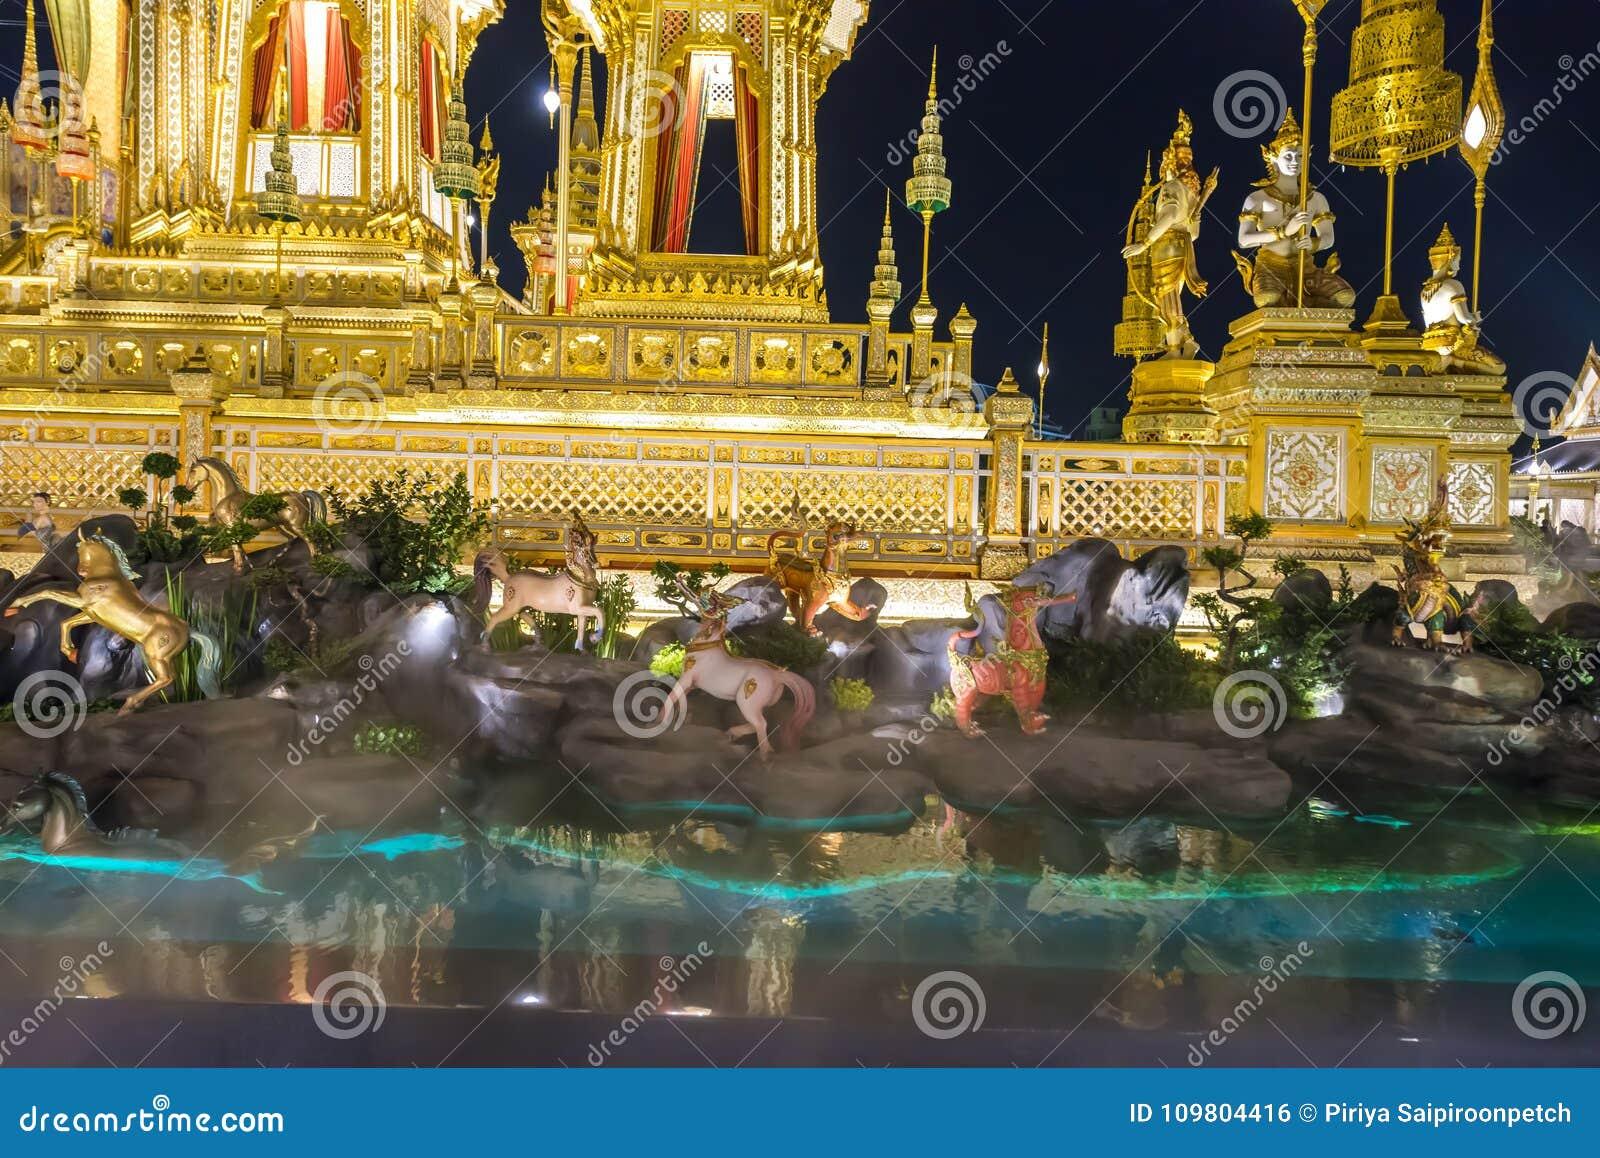 Chantier de construction du bûcher funèbre royal la nuit à Bangkok, Thaïlande